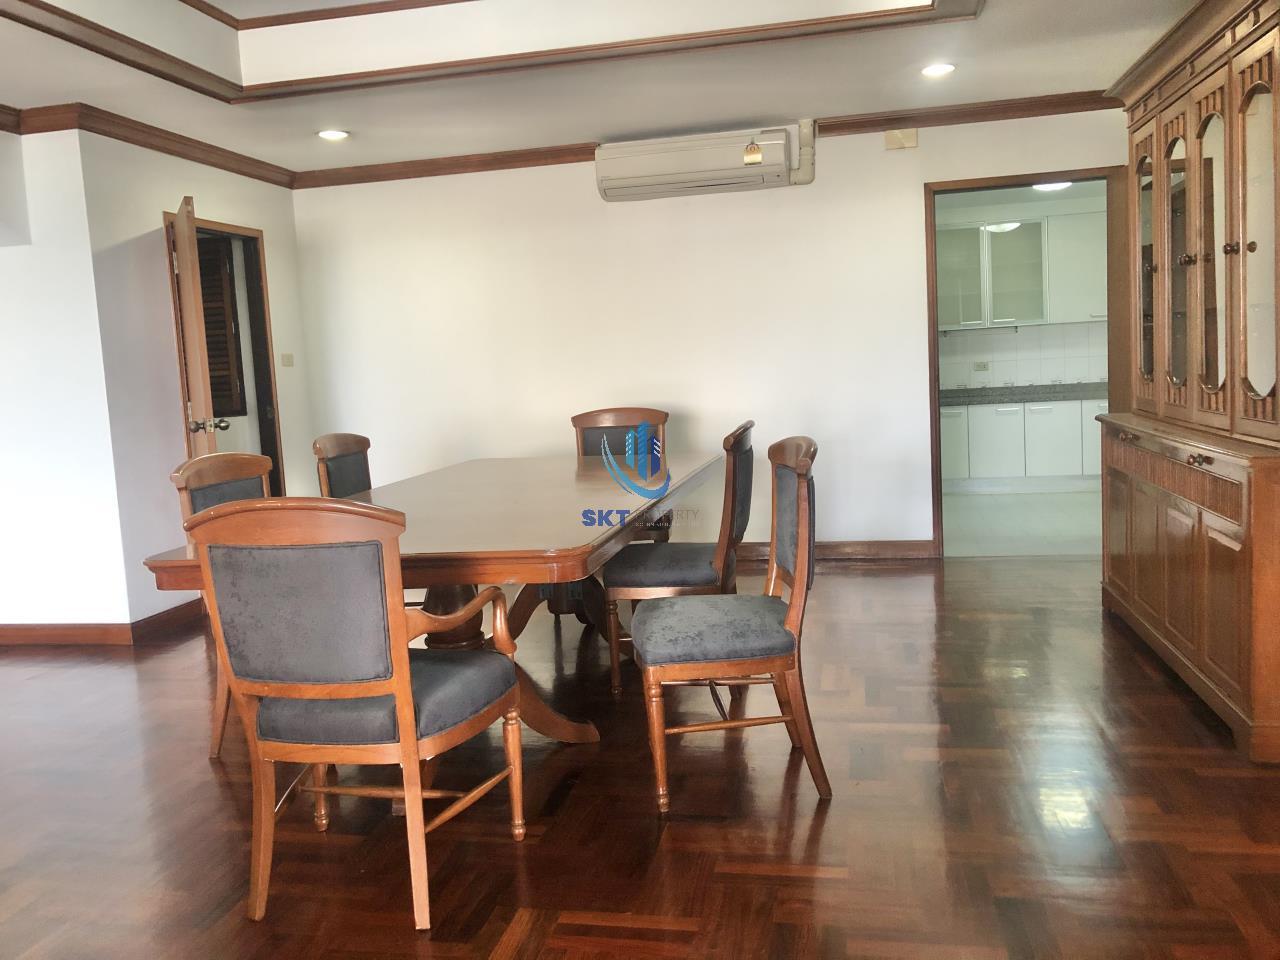 Sukritta Property Agency's Sethiwan Palace - Sukhumvit soi 4 - Bts Nana 3